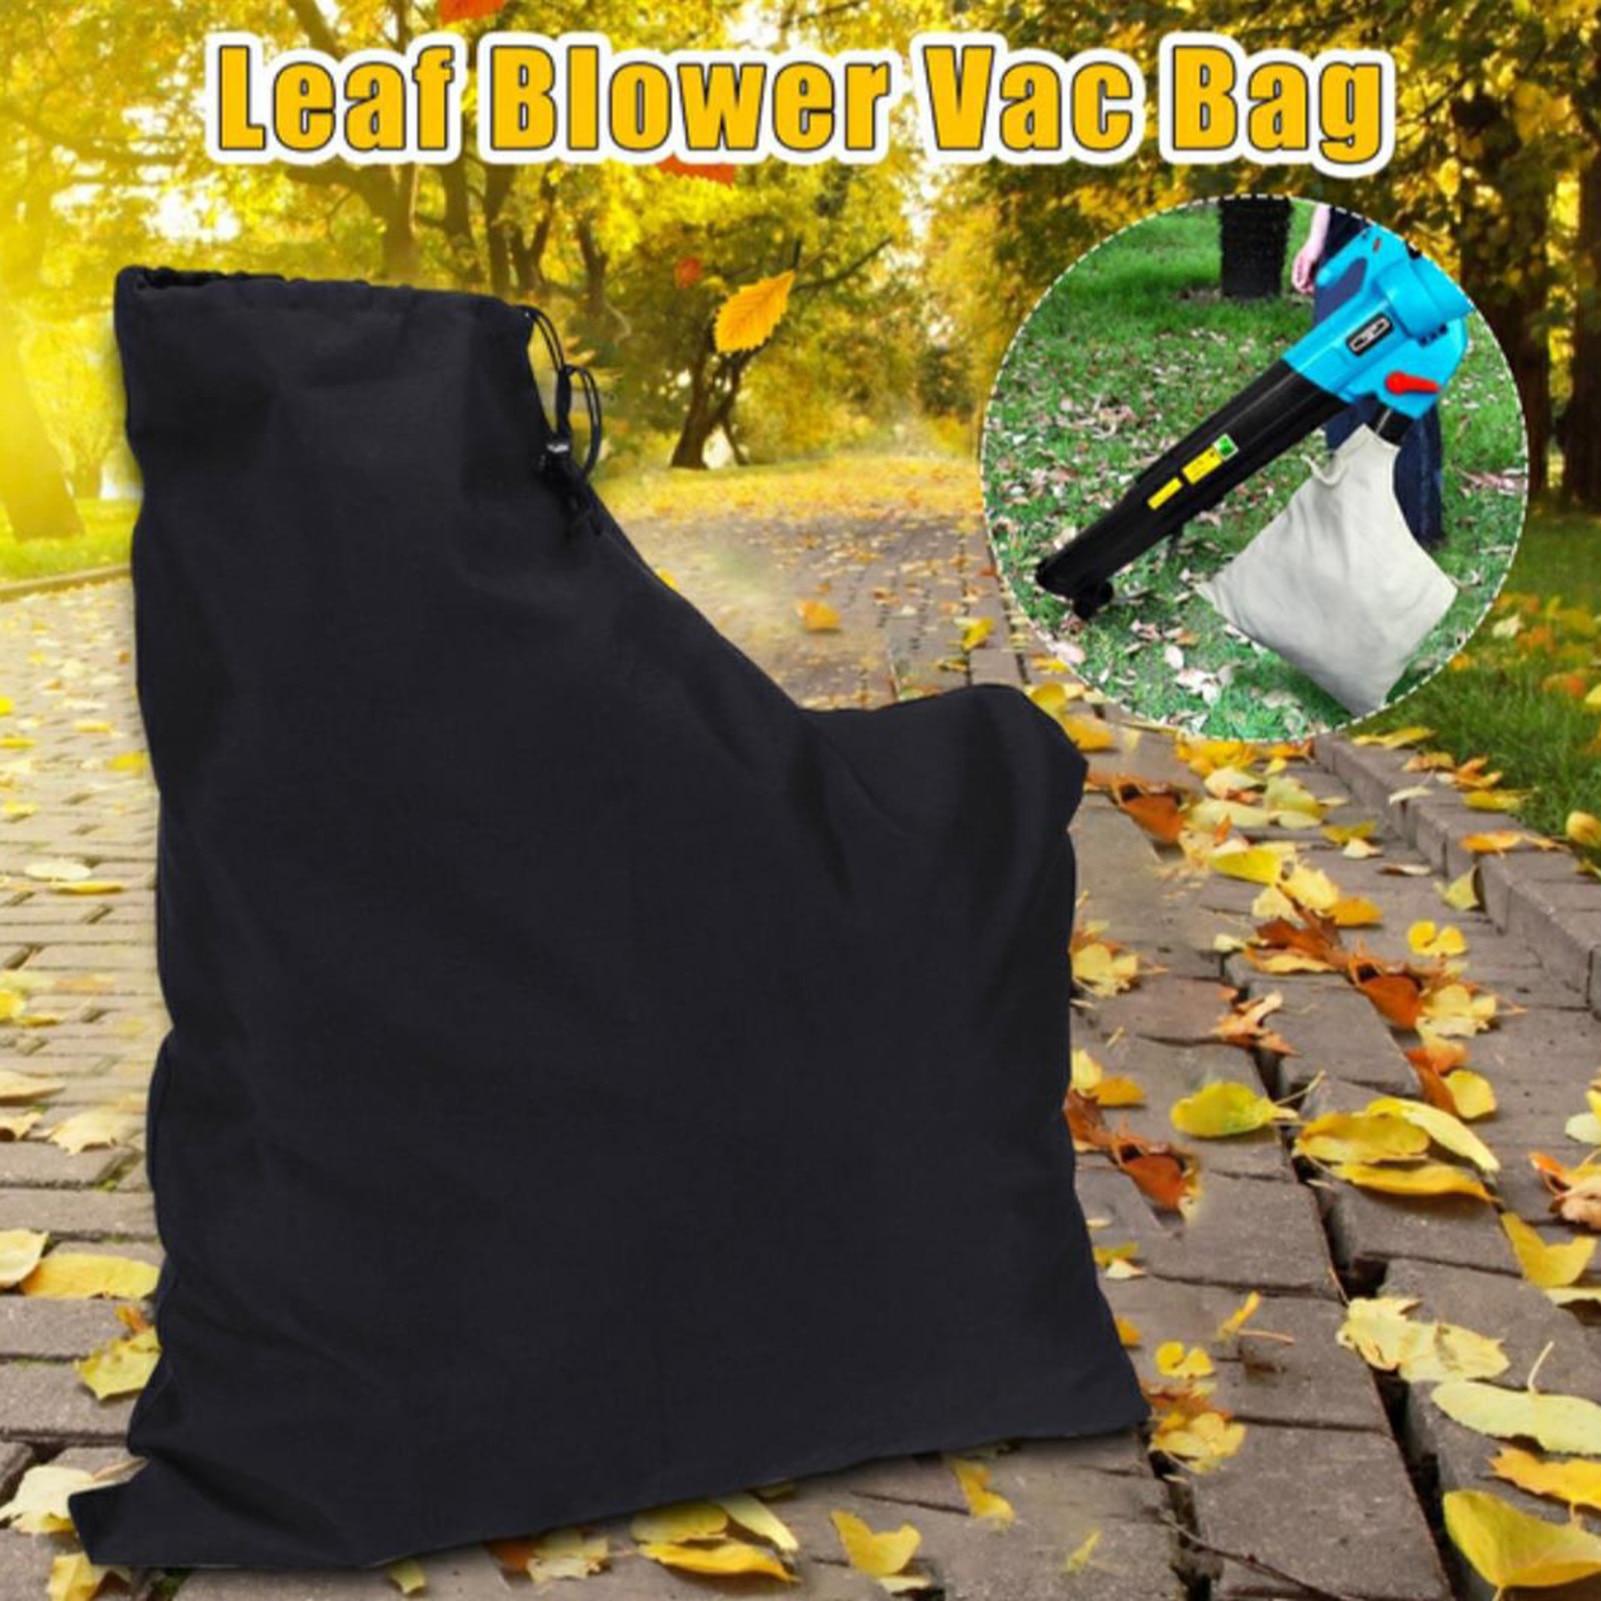 Пылесос с молнией, полиэстеровый сменный мешок для сбора пыли, измельчитель газона, садовый инструмент